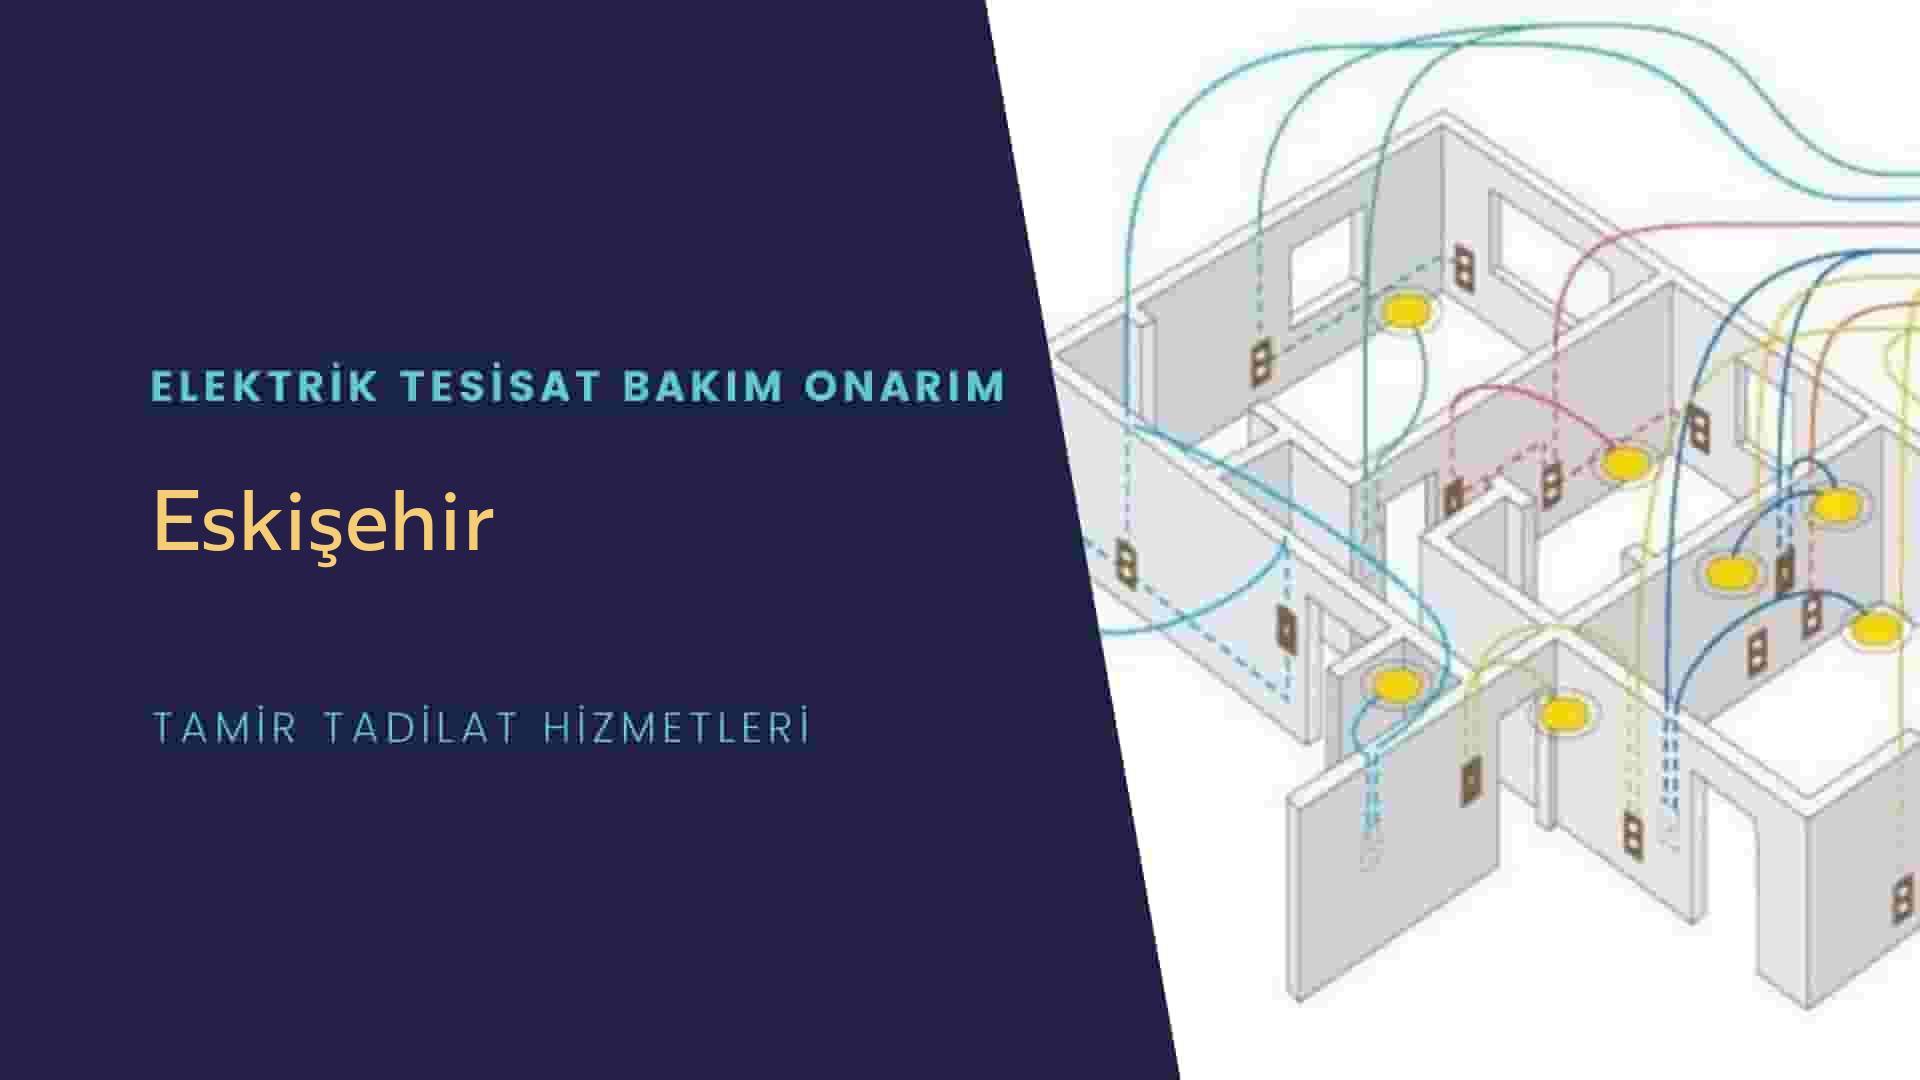 Eskişehir'de elektrik tesisatıustalarımı arıyorsunuz doğru adrestenizi Eskişehir elektrik tesisatı ustalarımız 7/24 sizlere hizmet vermekten mutluluk duyar.